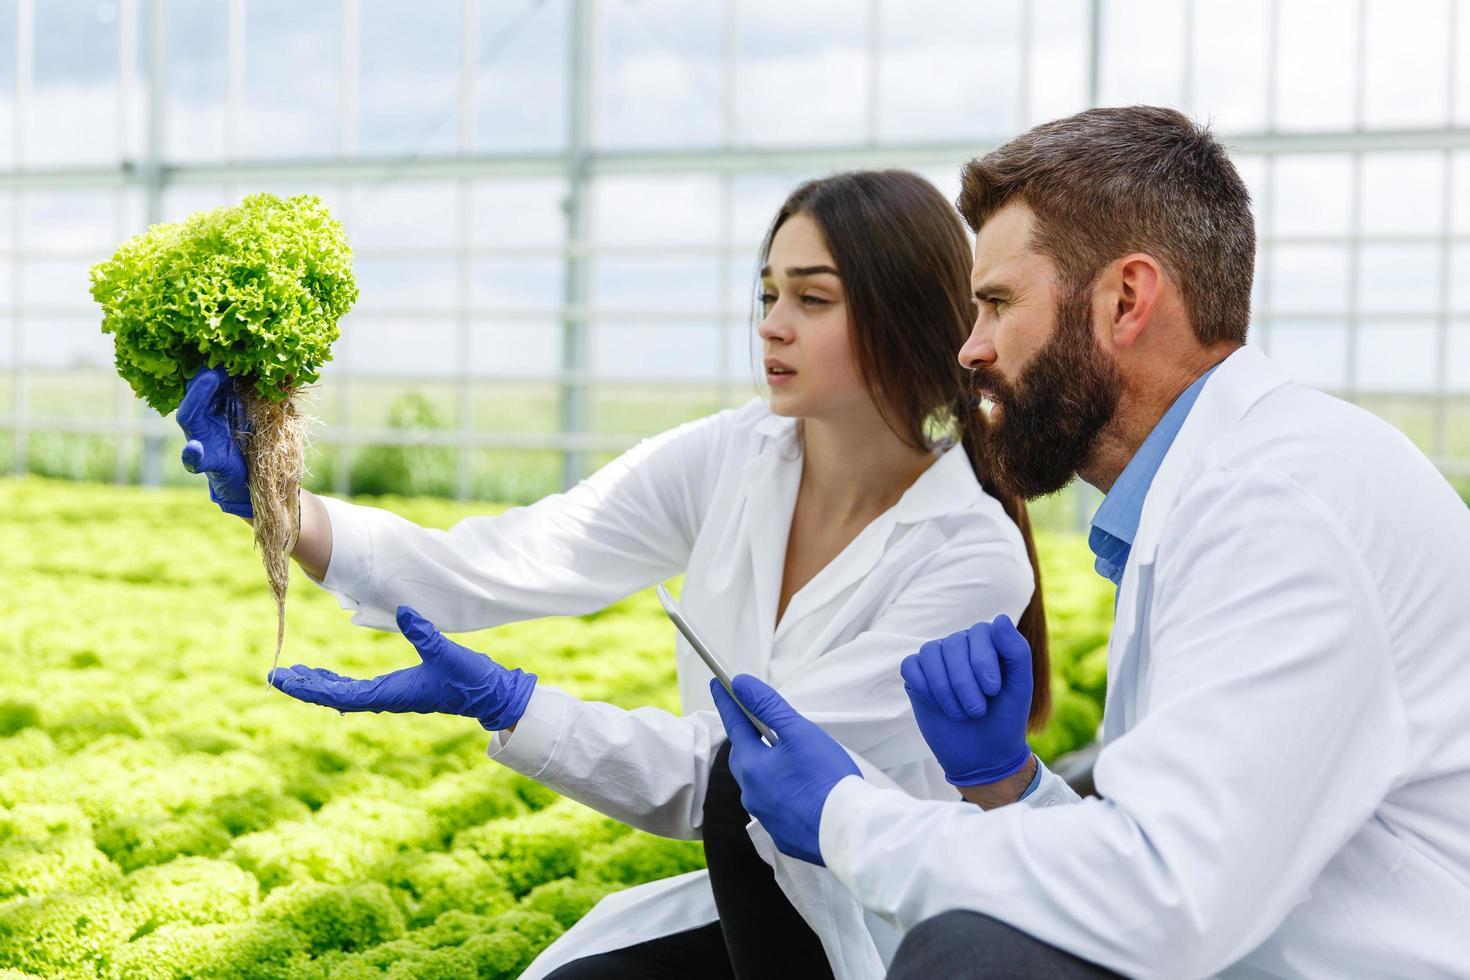 laboratoriumonderzoekers die naar planten kijken foto